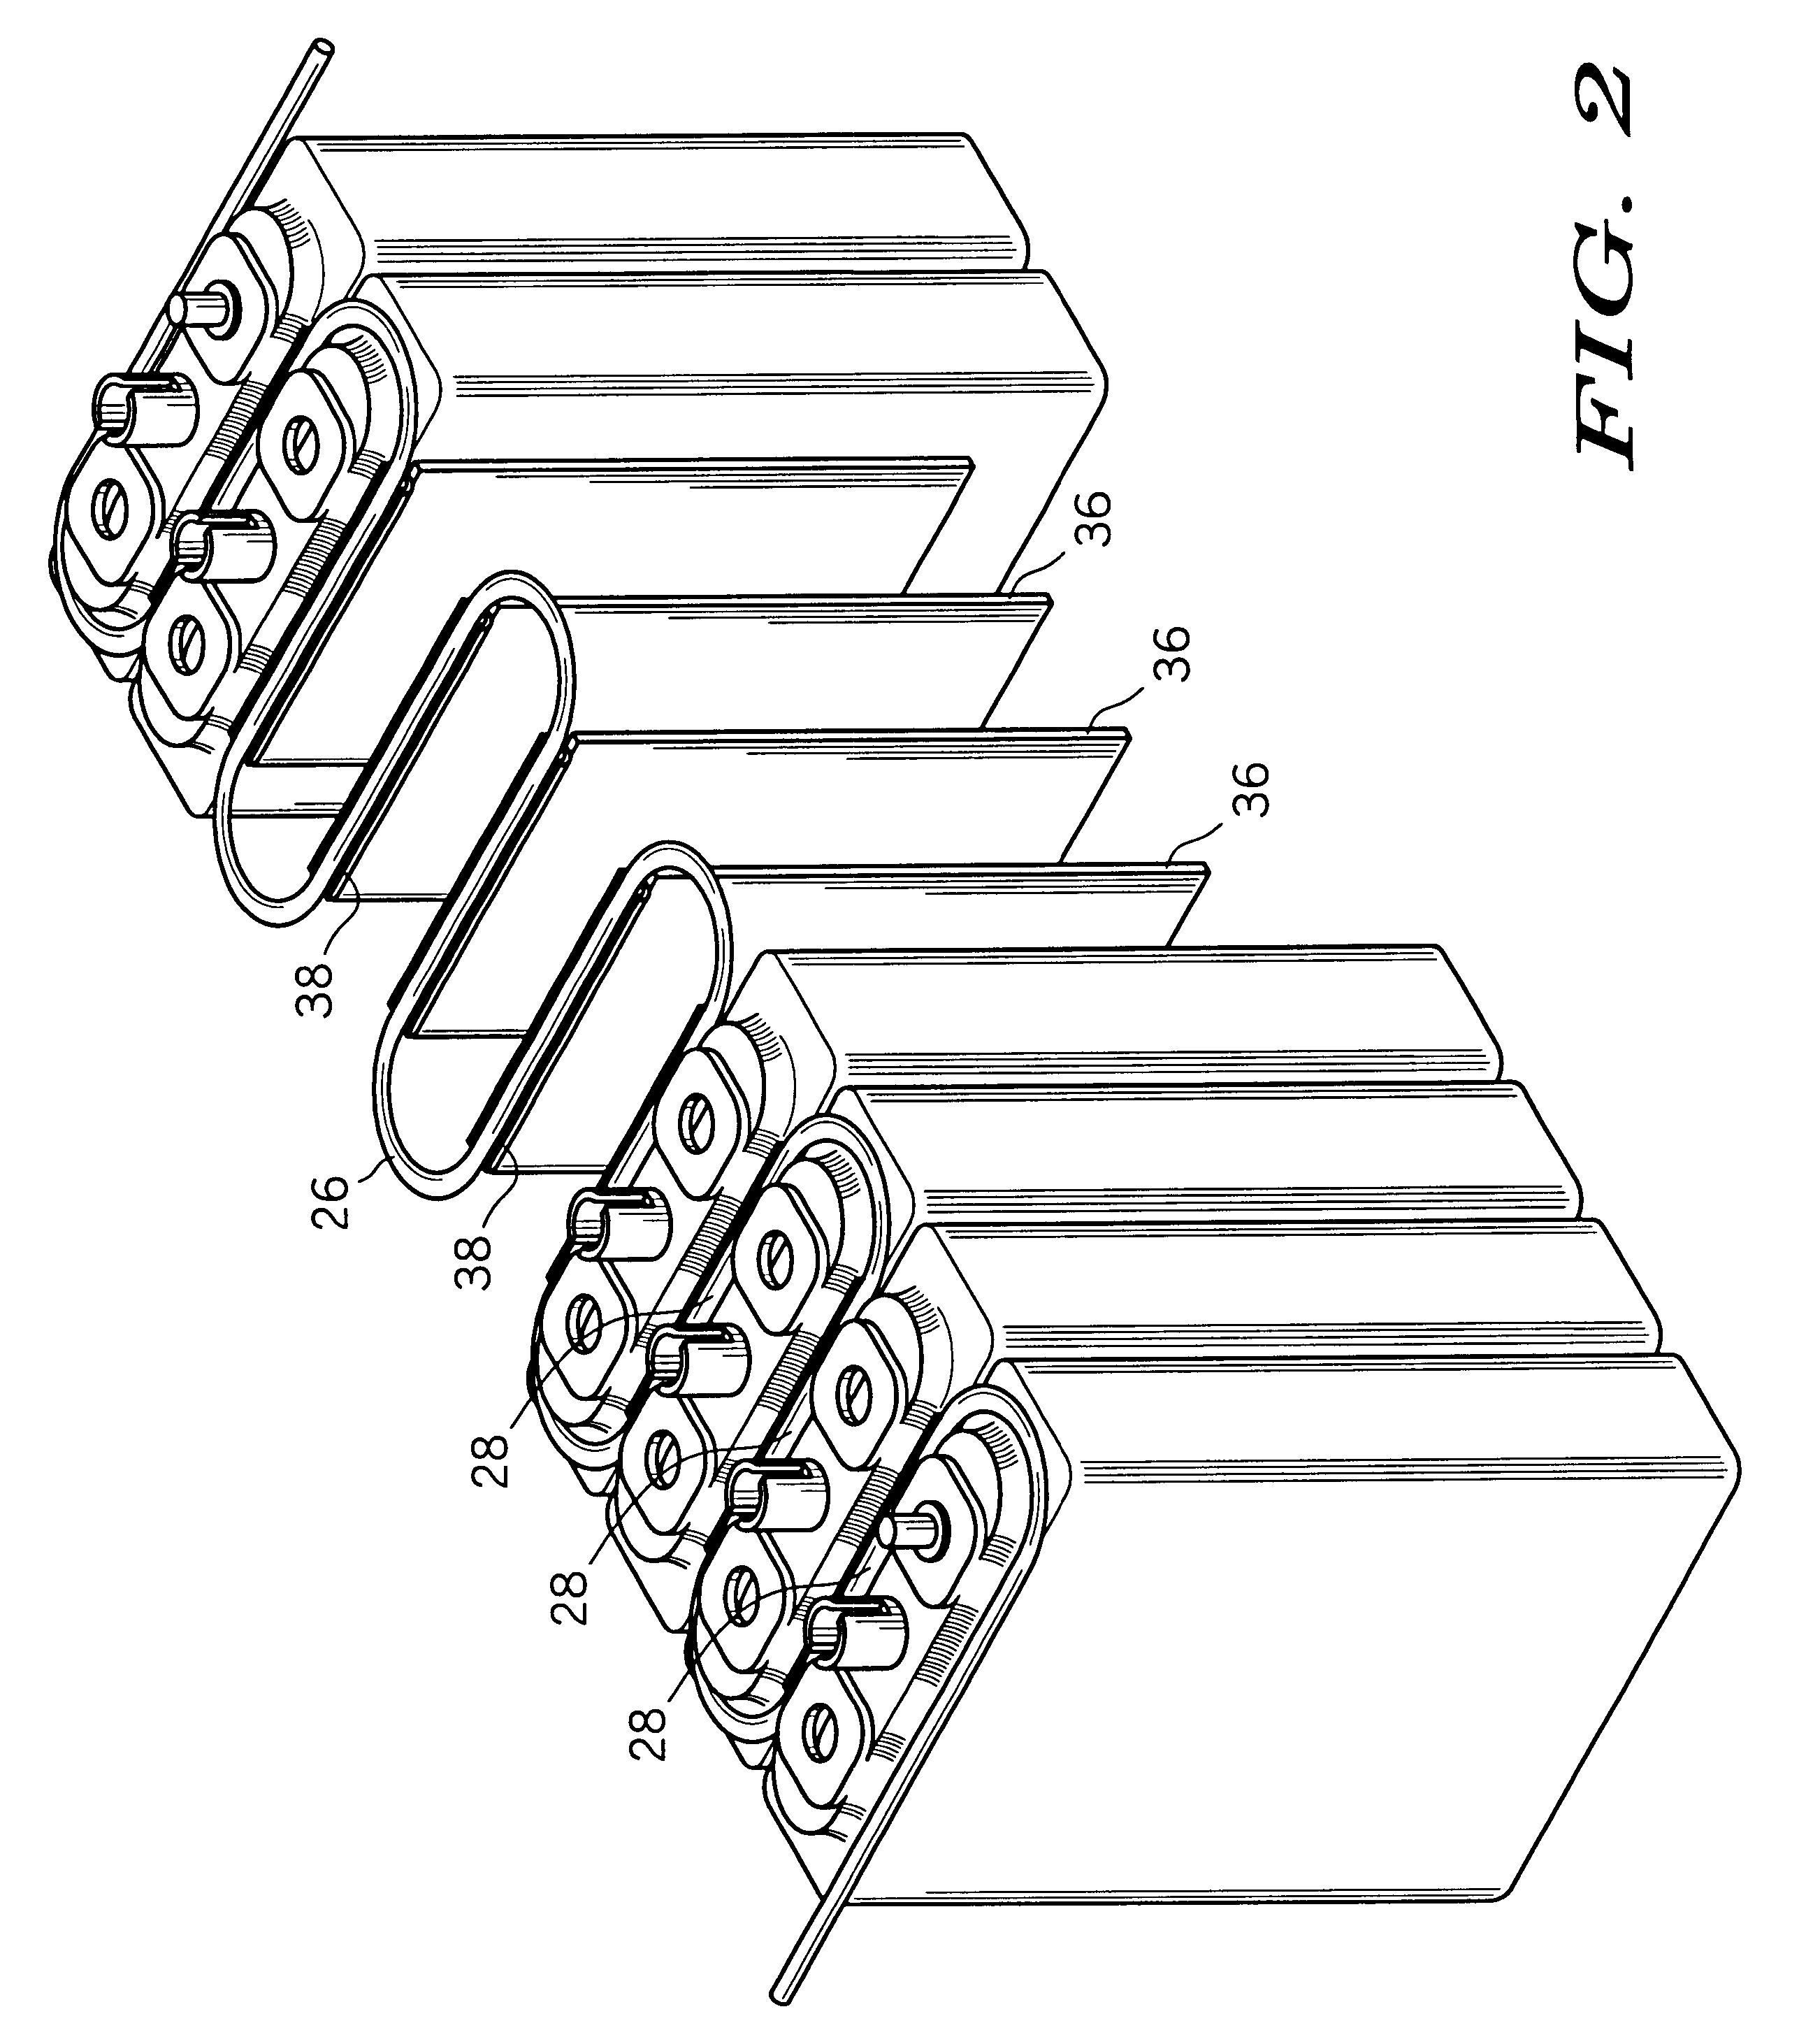 Tesla Motors Images Tesla Model S Larson Sketches: Battery Having An Integral Cooling